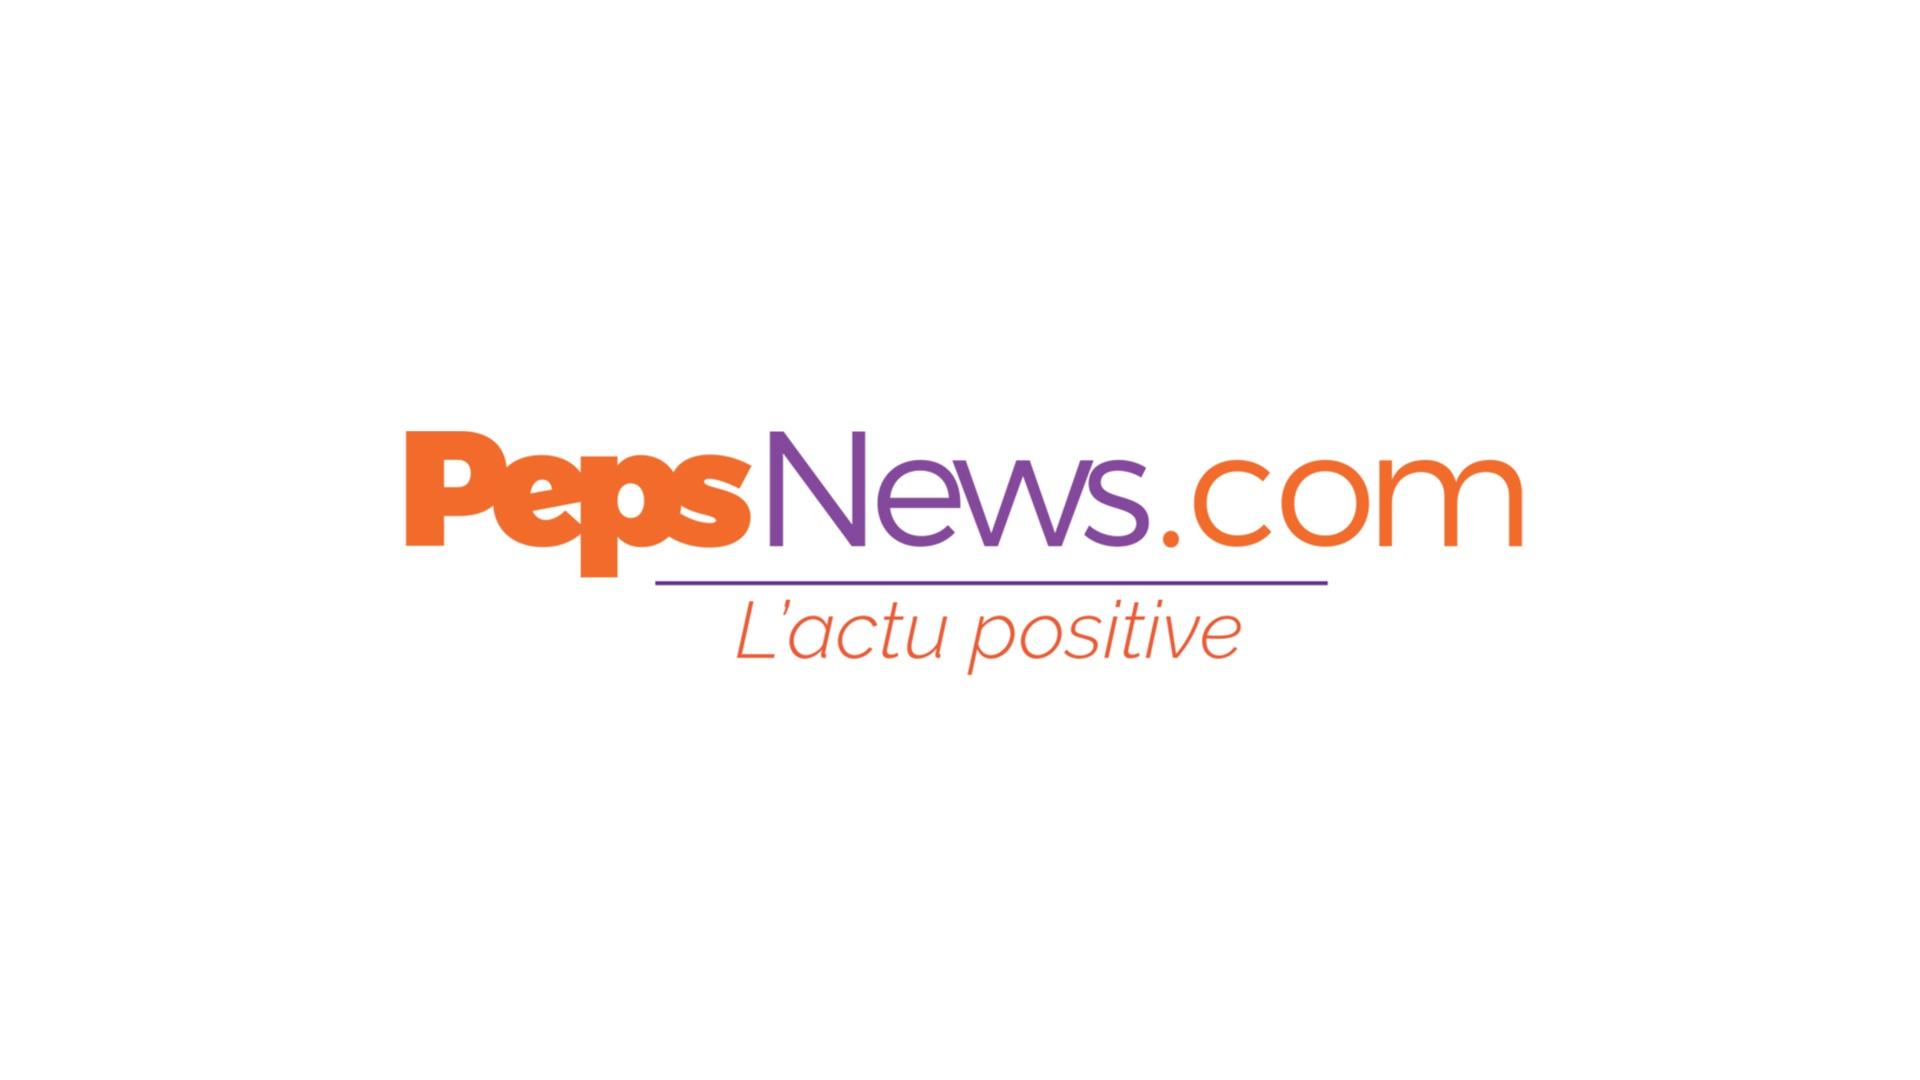 Pepsnews - Réalisation de programme